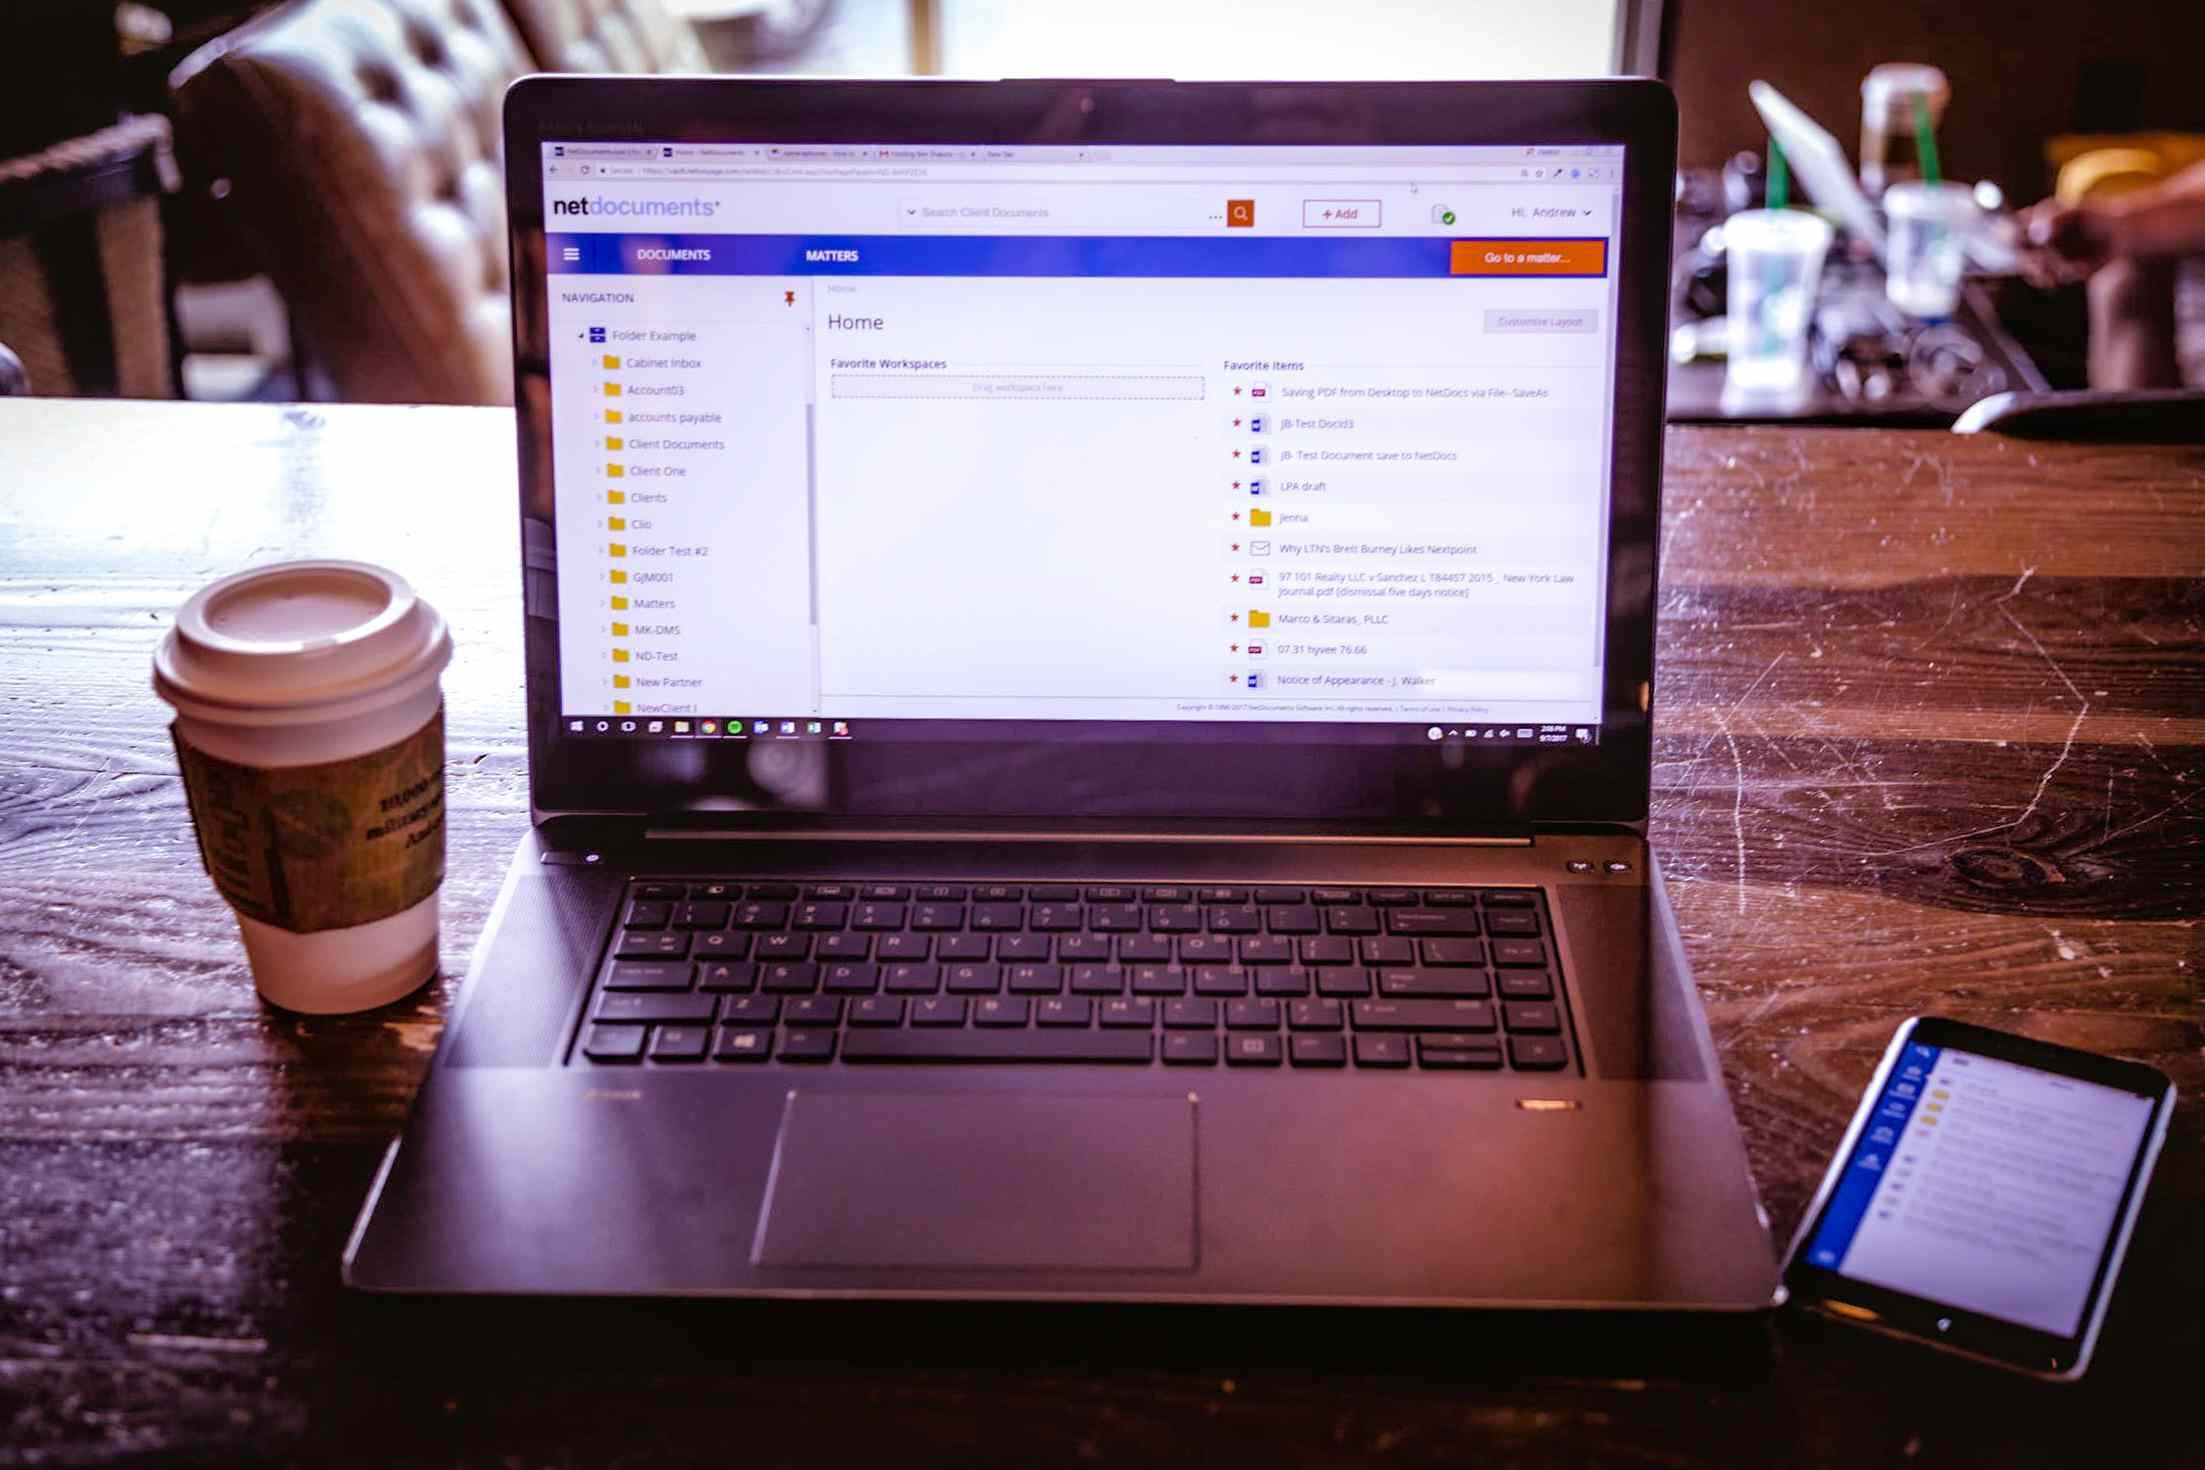 Laptop in cafe displaying folder full of PDF files